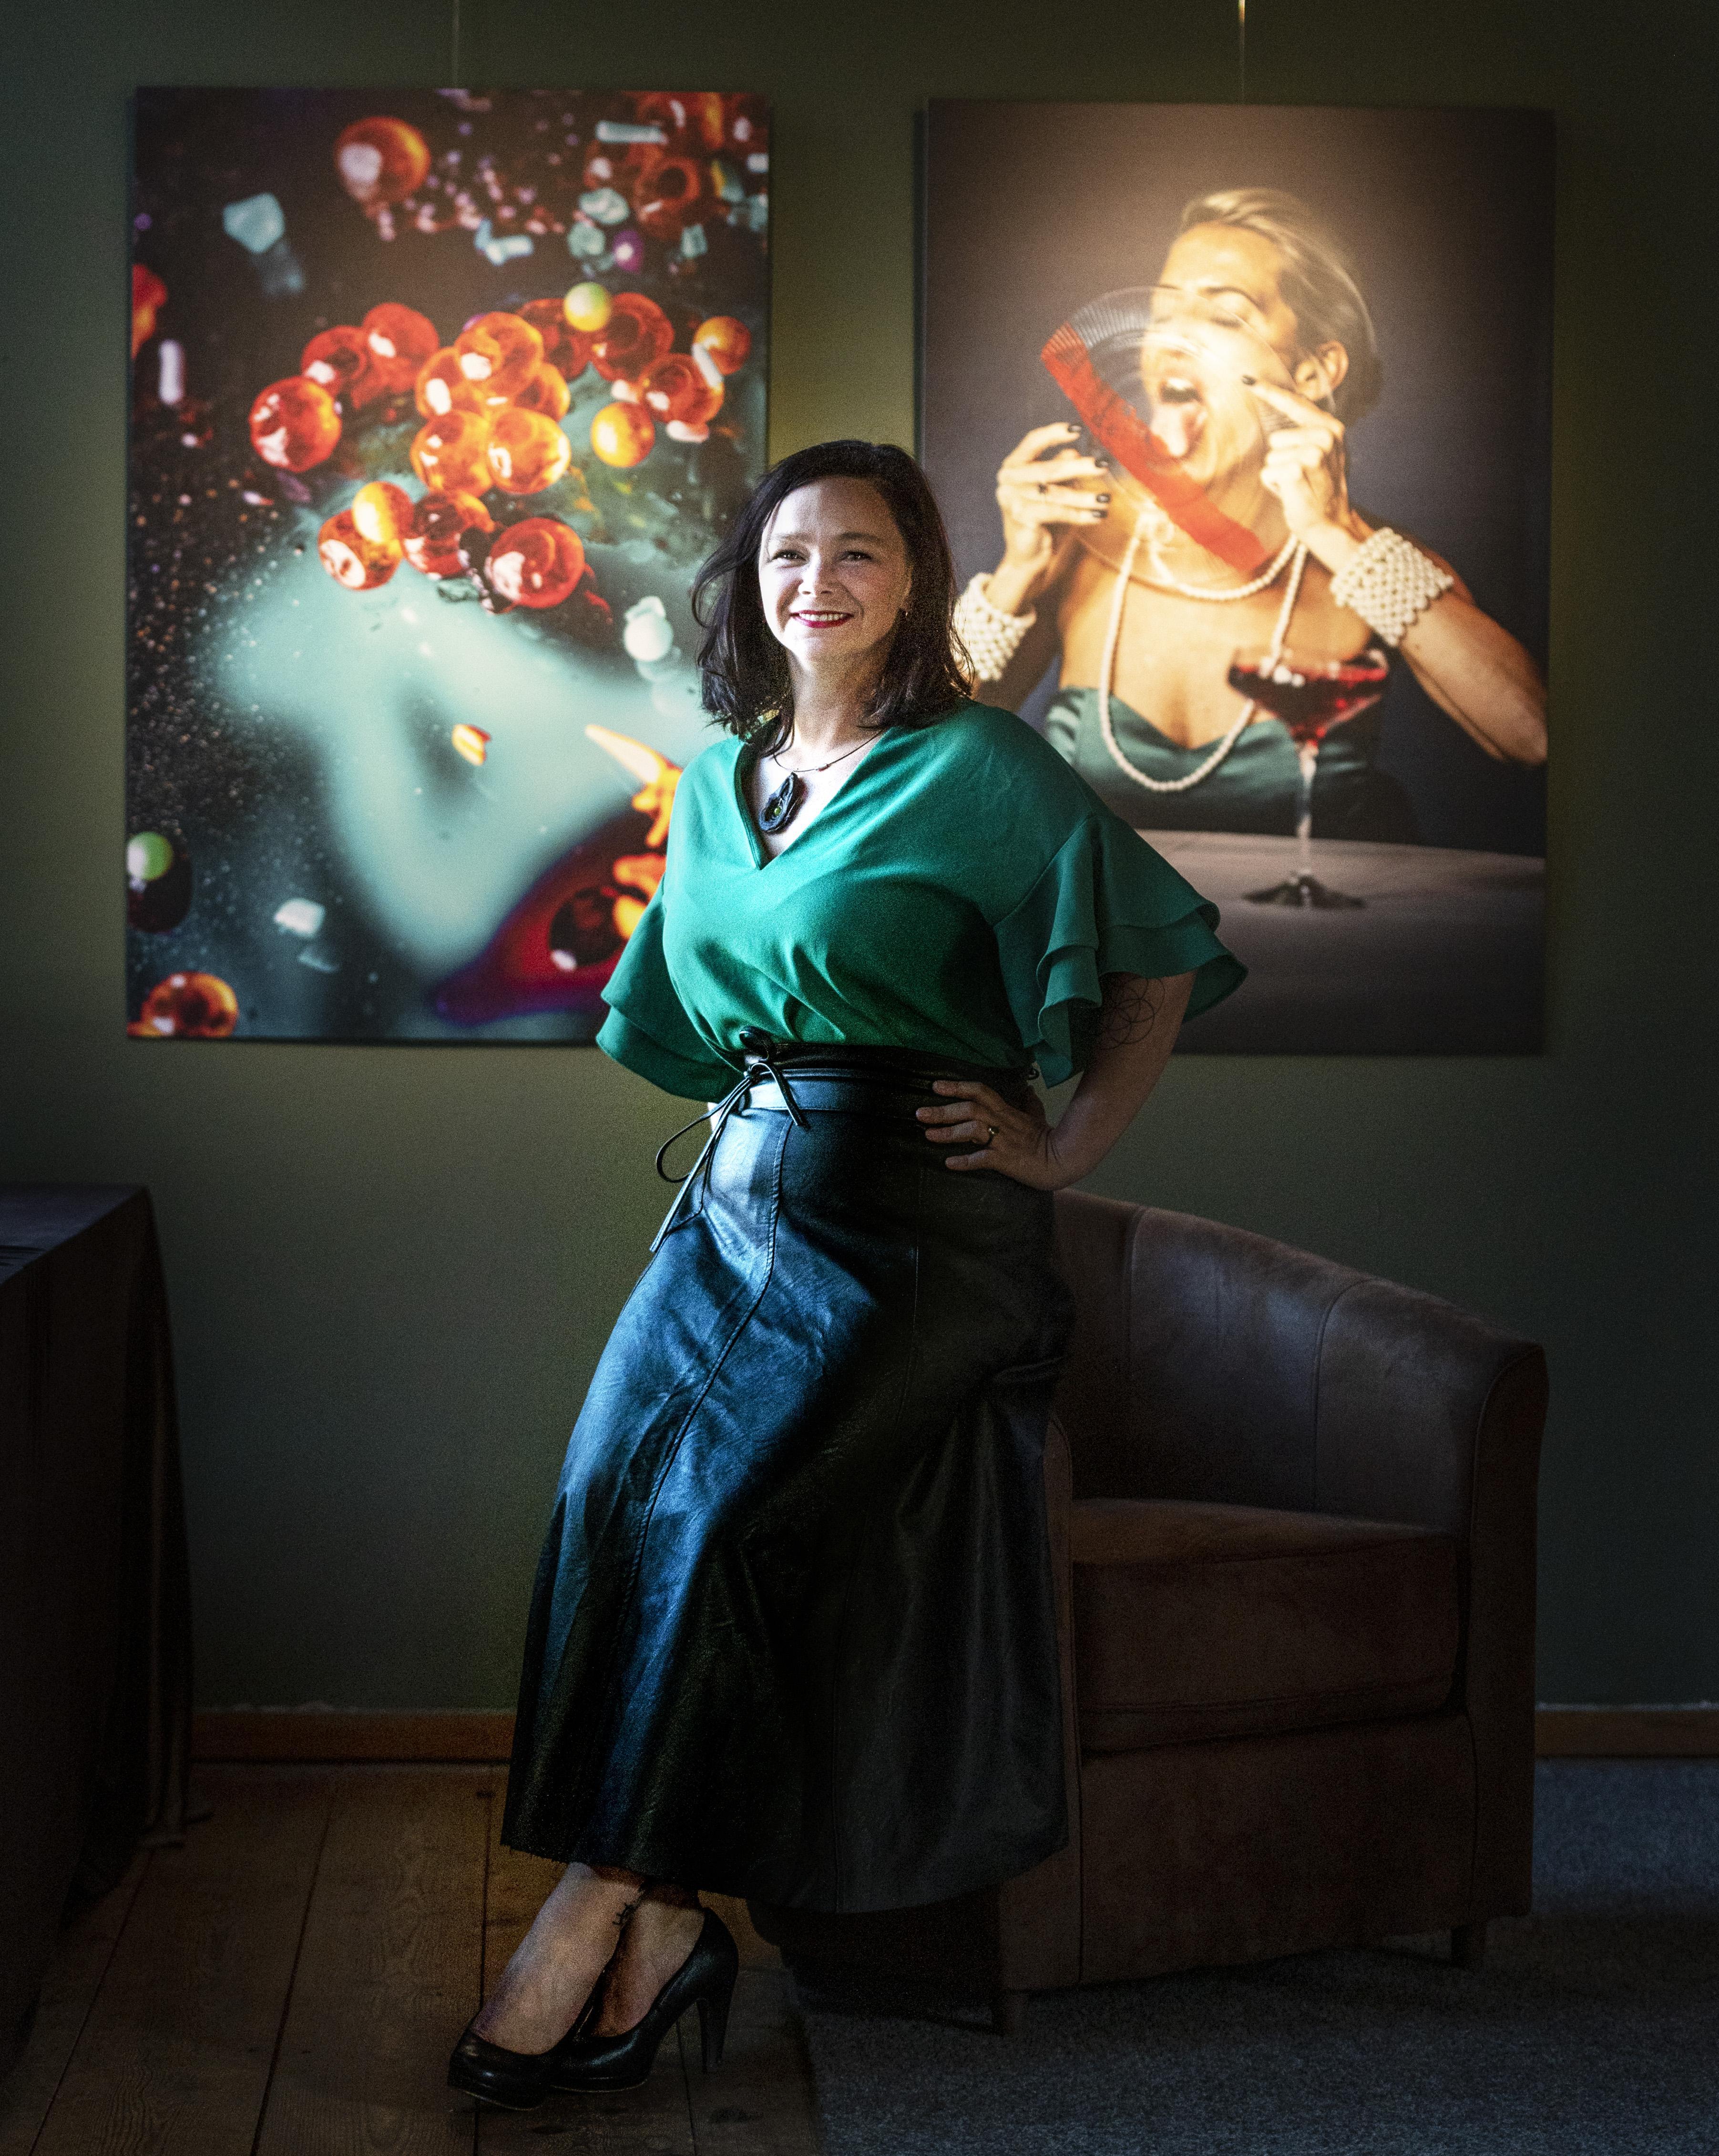 Fotografe Saskia de Wal brengt met Oral Fixation een ode aan de mond. 'Sensualiteit en eten gaan hand in hand'